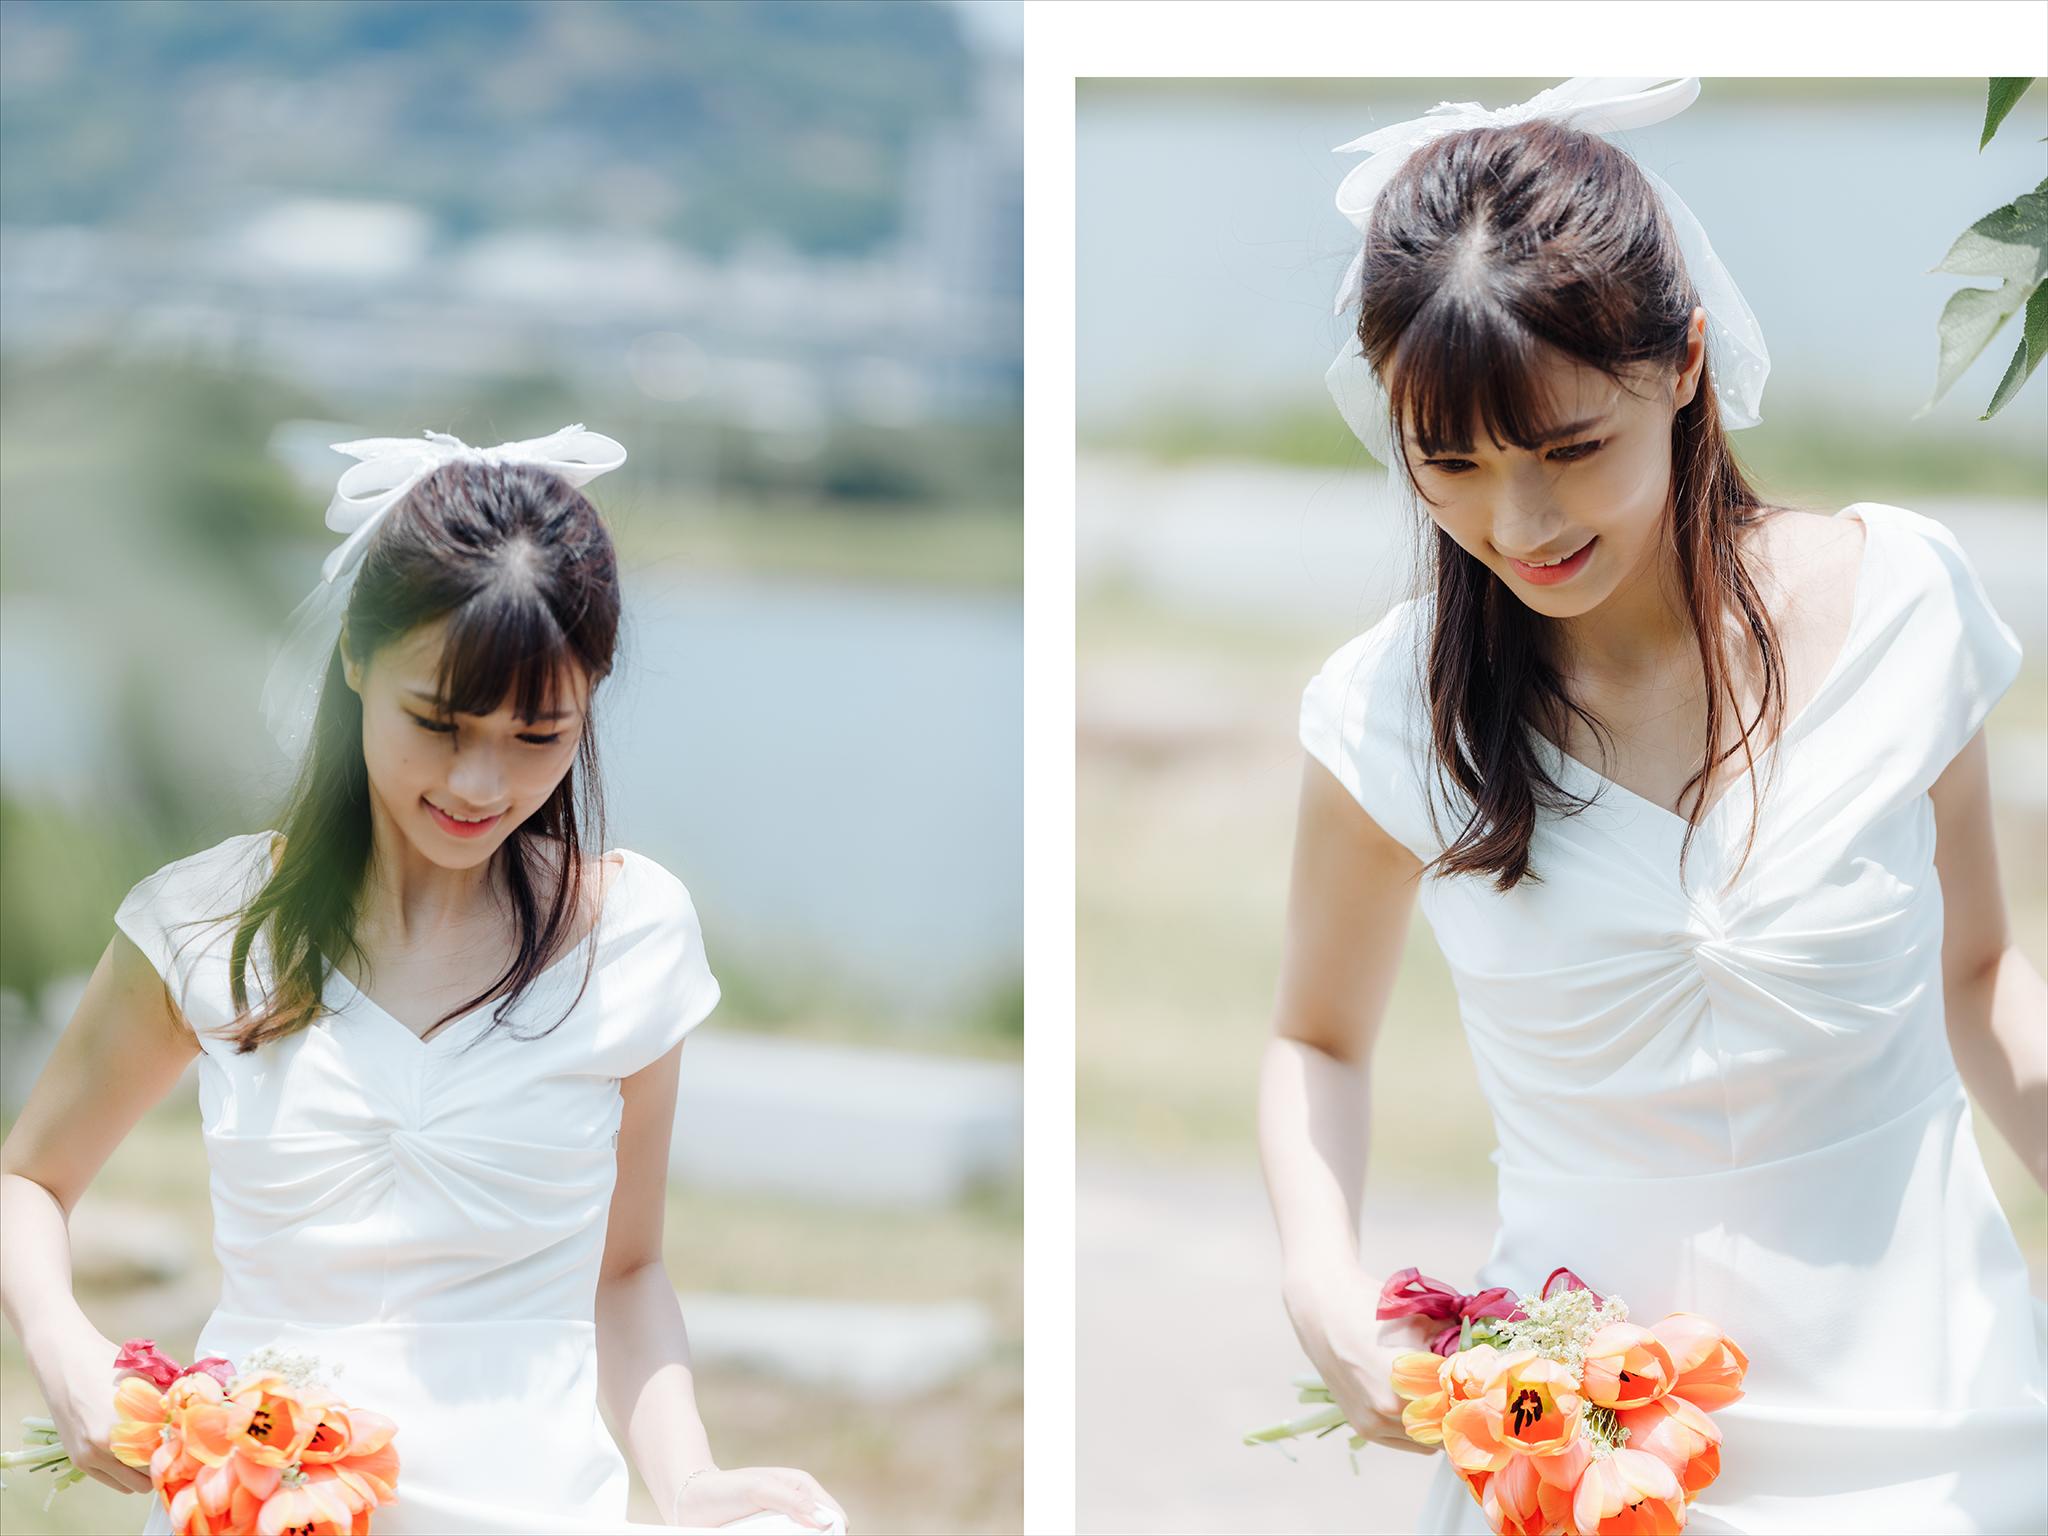 50081456978 982d6e14fa o - 【自主婚紗】+Mei+